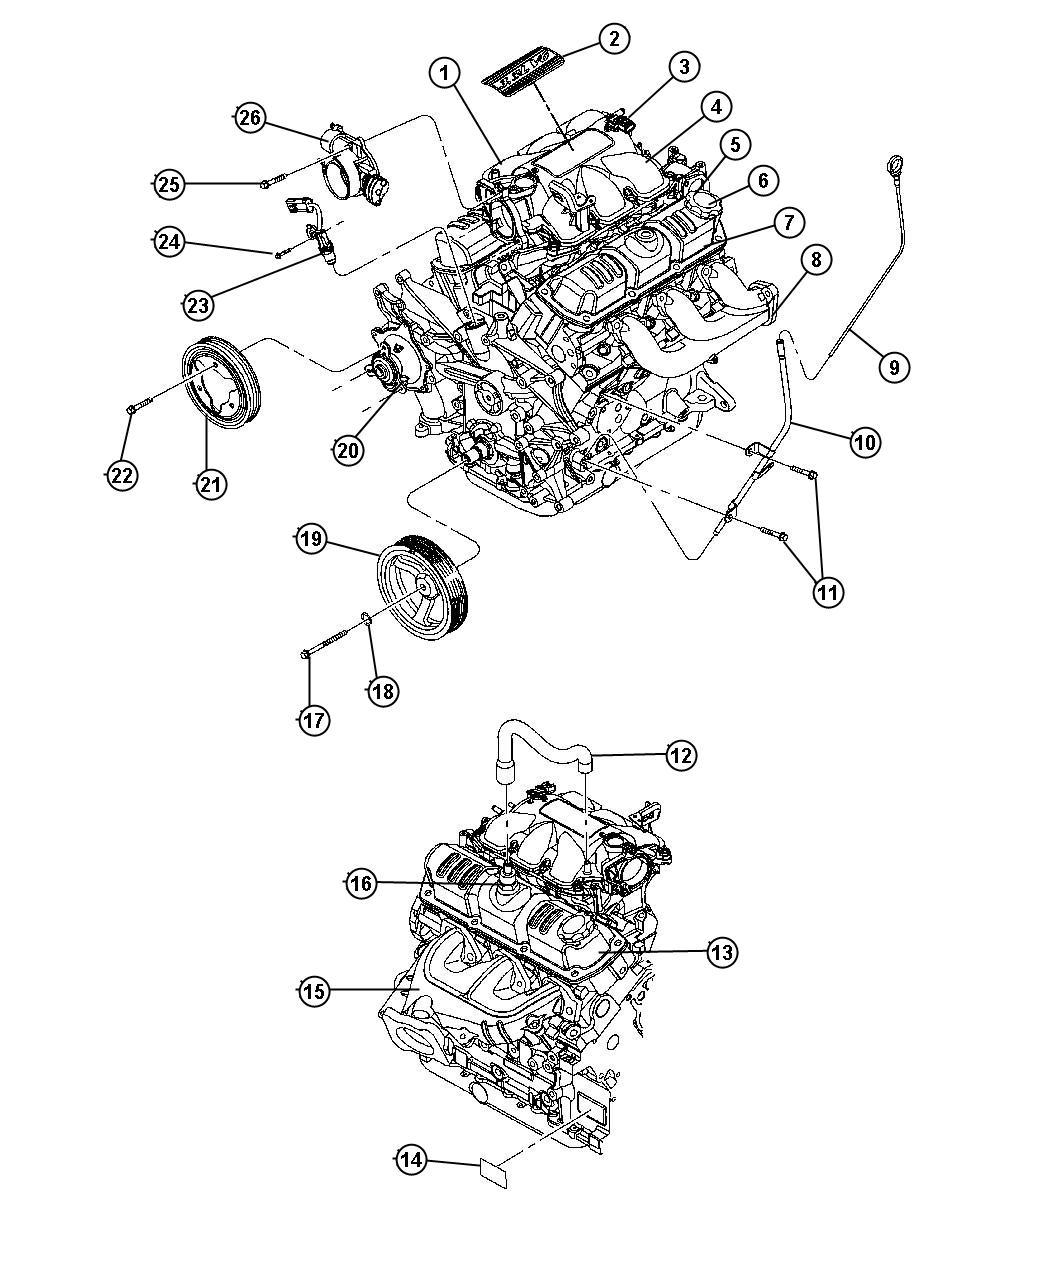 dodge 3 9l v6 engine diagram